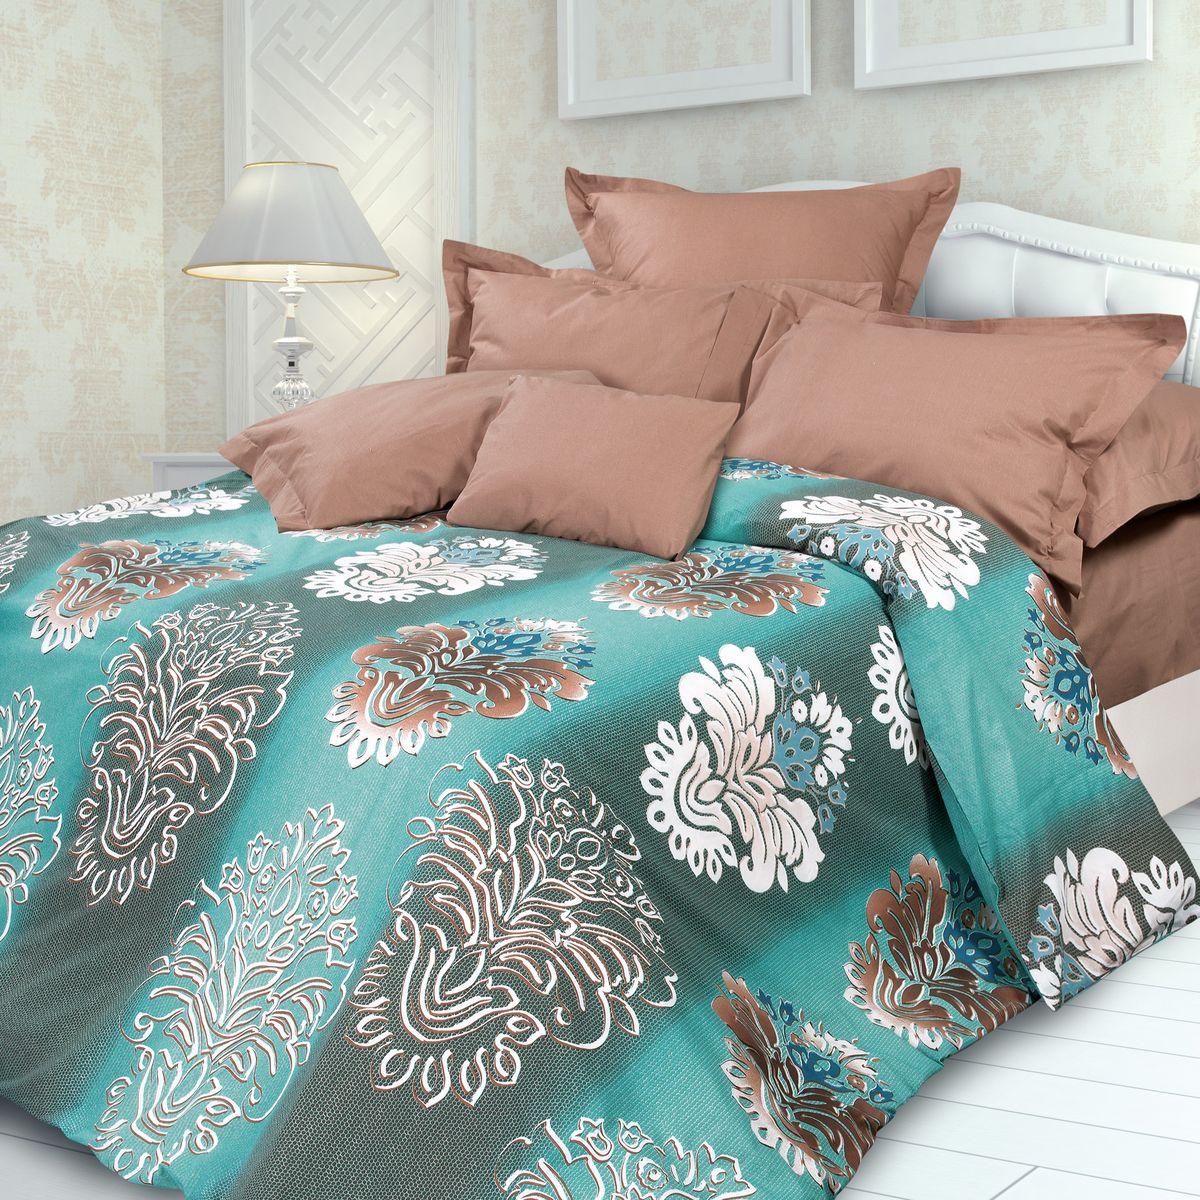 Комплект белья Унисон Фабрис, семейный, наволочки 70 x 70, цвет: бирюзовый. 318453318453